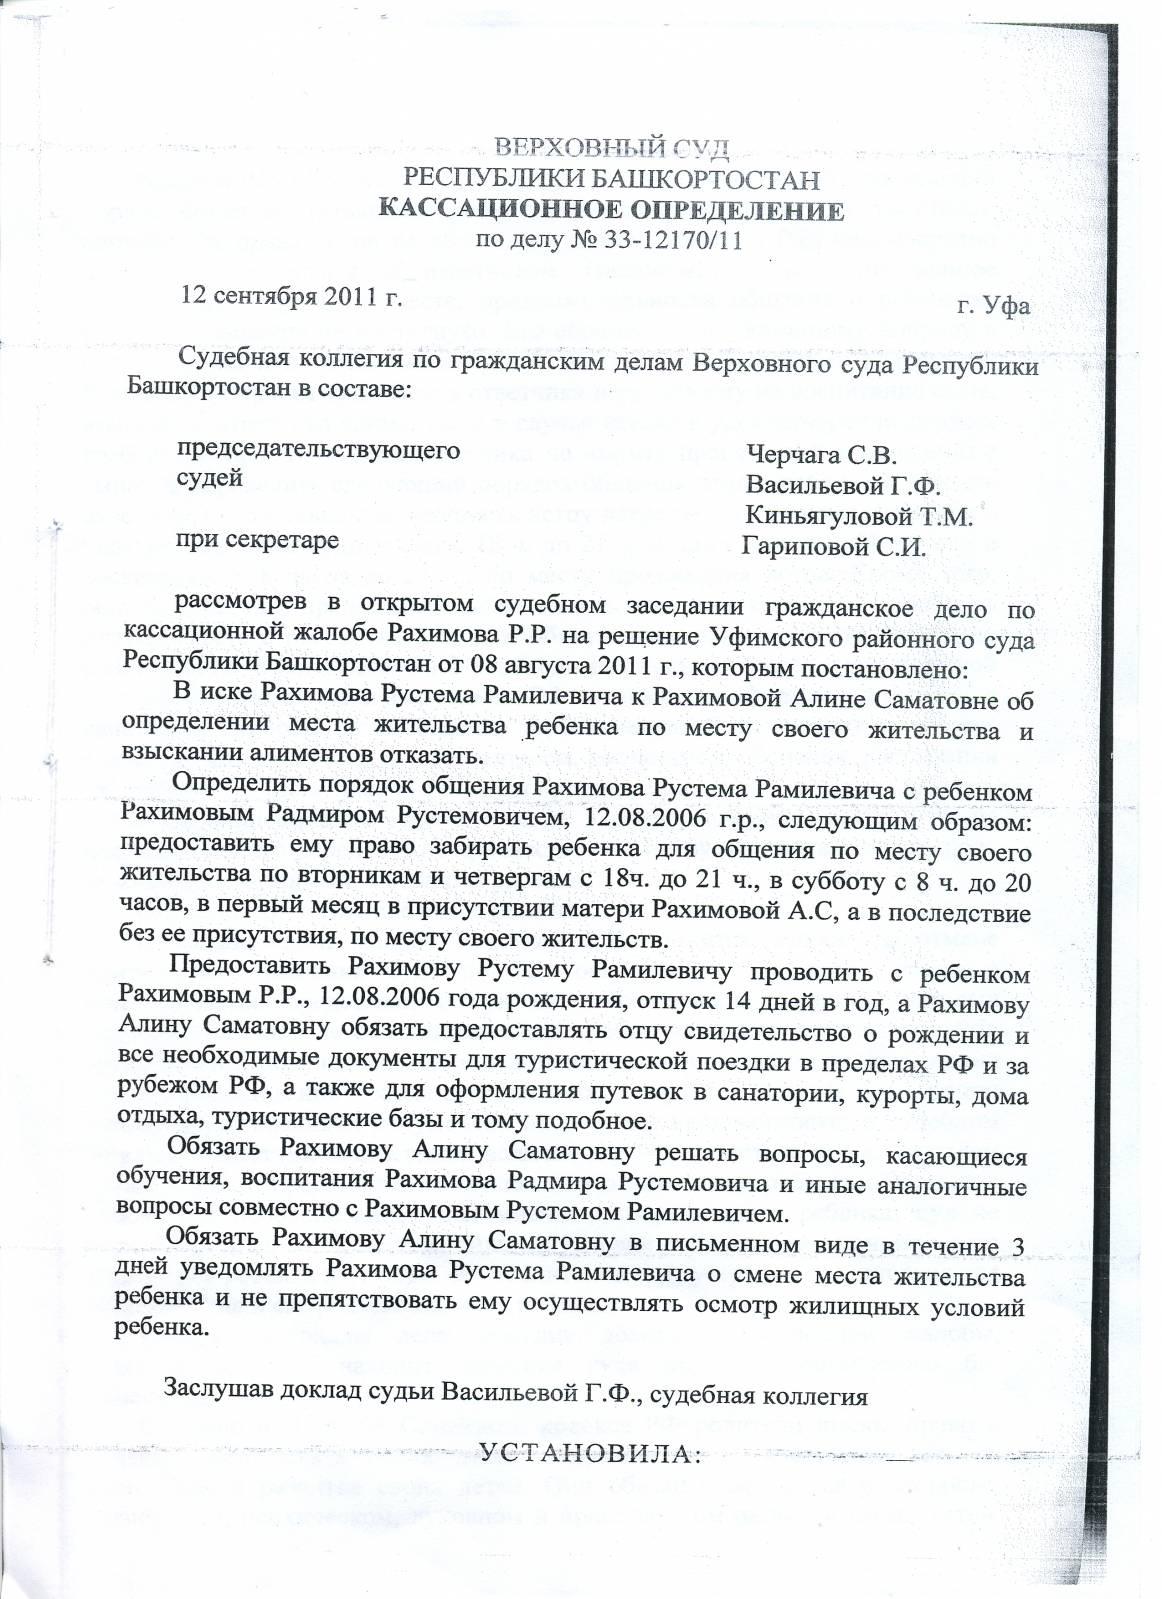 Неполный рабочий день: Трудовой кодекс. Статья 93 ТК РФ